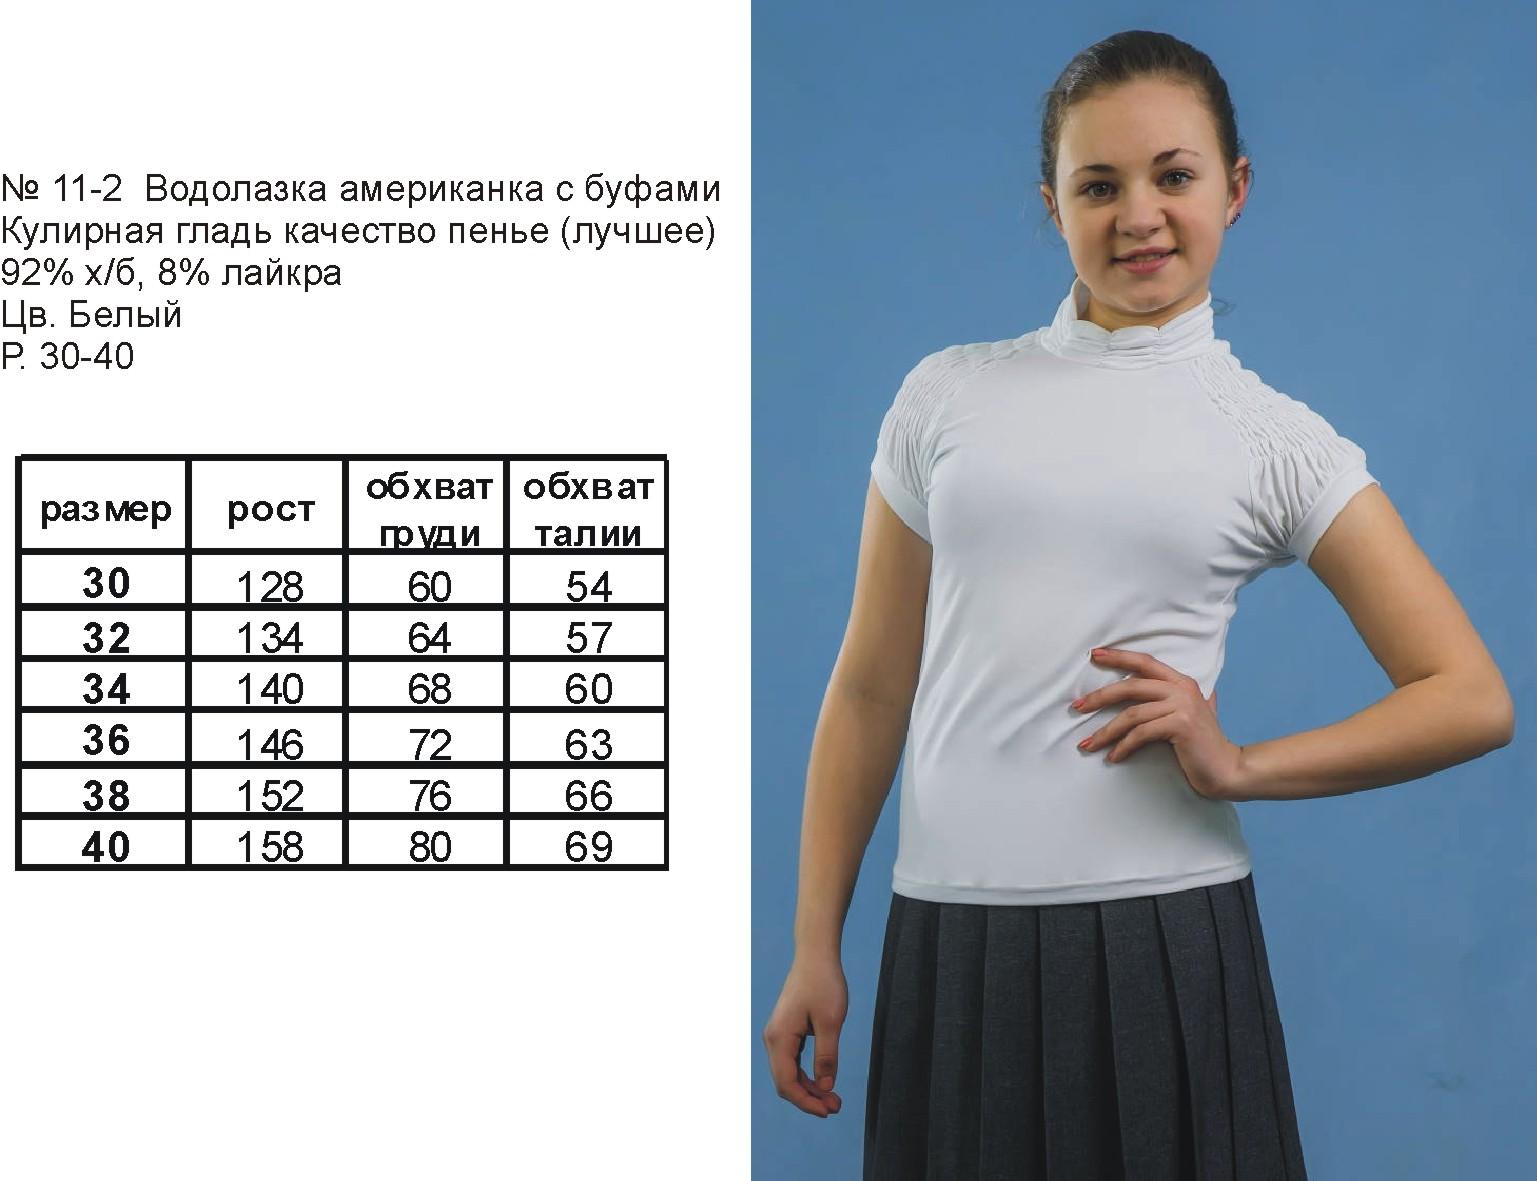 Сбор заказов. Школьная одежда для девочек-2! Водолазки, юбки, сарафаны, жилетки без рядов! Заходите!